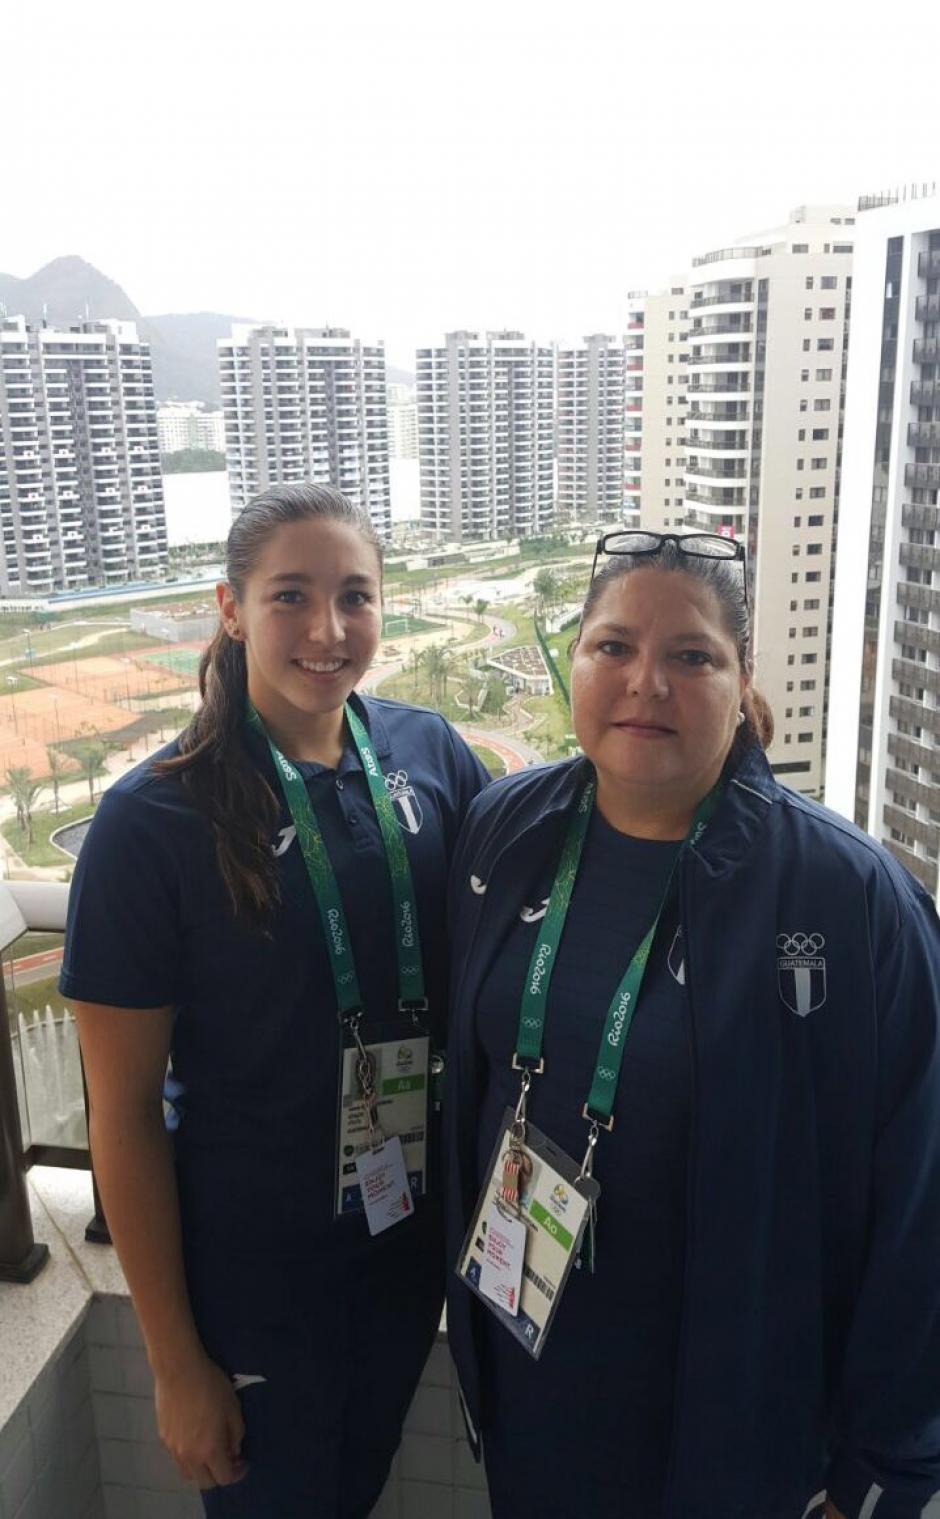 Valerie junto a su entrenadora (madre) Karin Slowing. (Foto: COG)